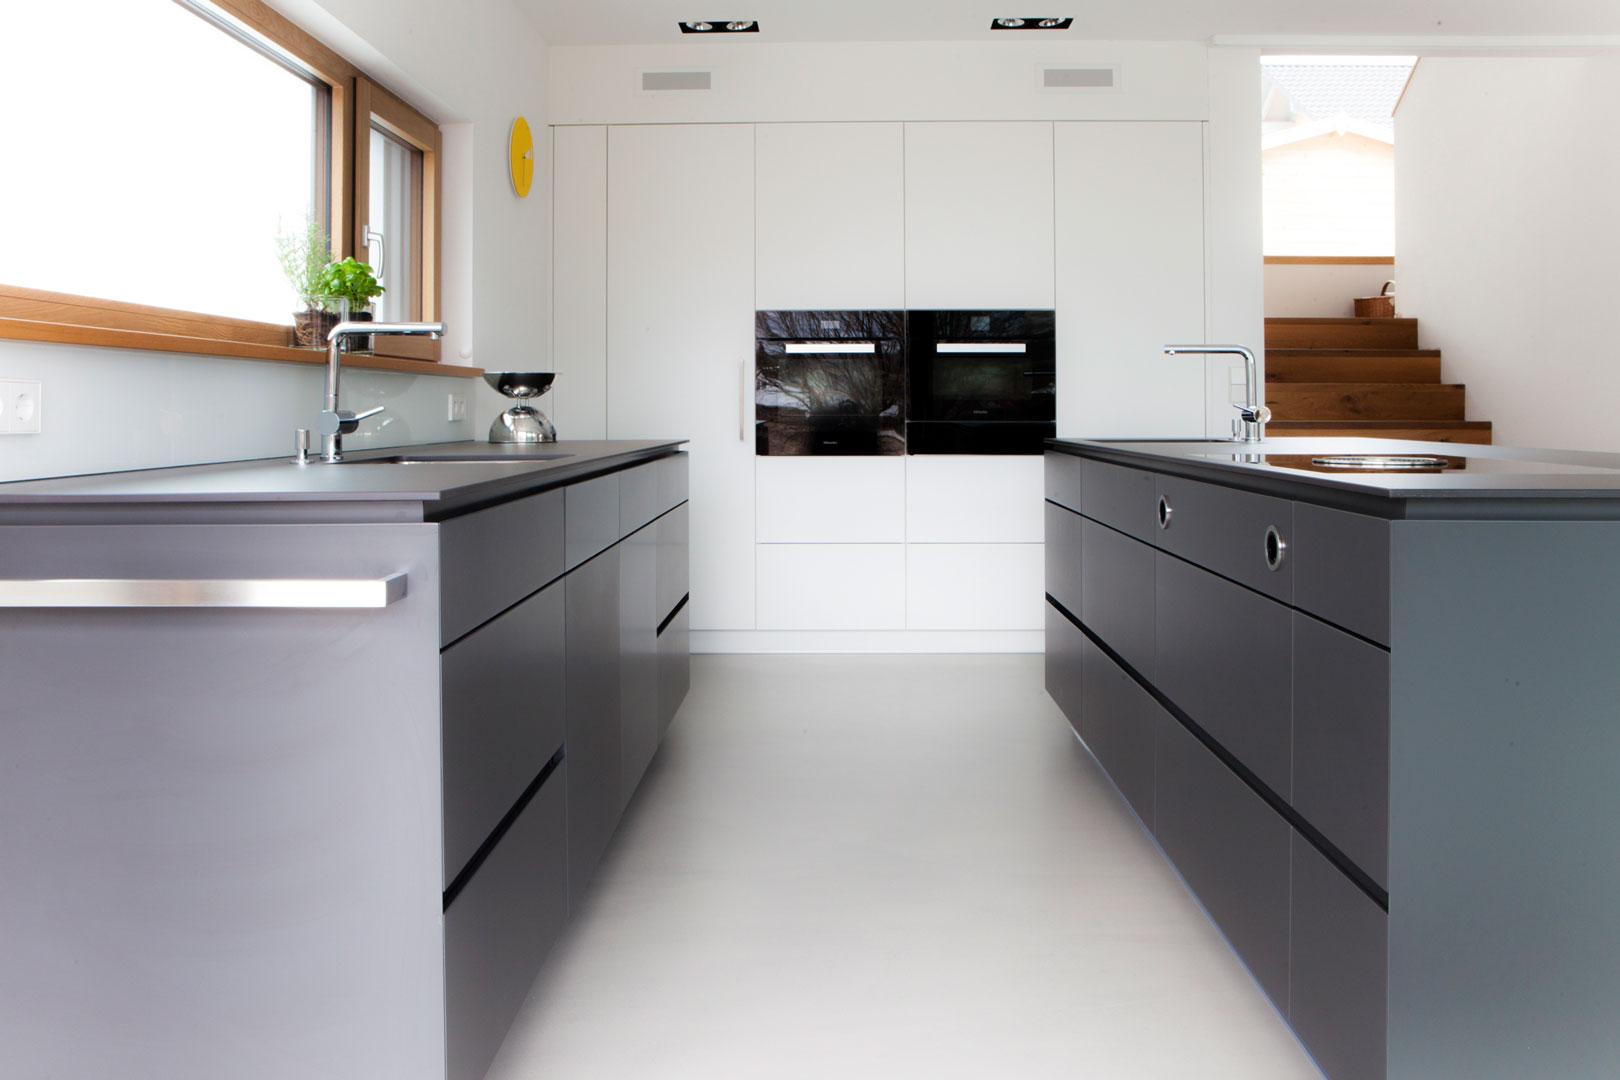 Full Size of Küche Anthrazit Gebraucht Küche Betonoptik Anthrazit Küche Modern Holz Anthrazit Küche Anthrazit Grifflos Küche Küche Anthrazit